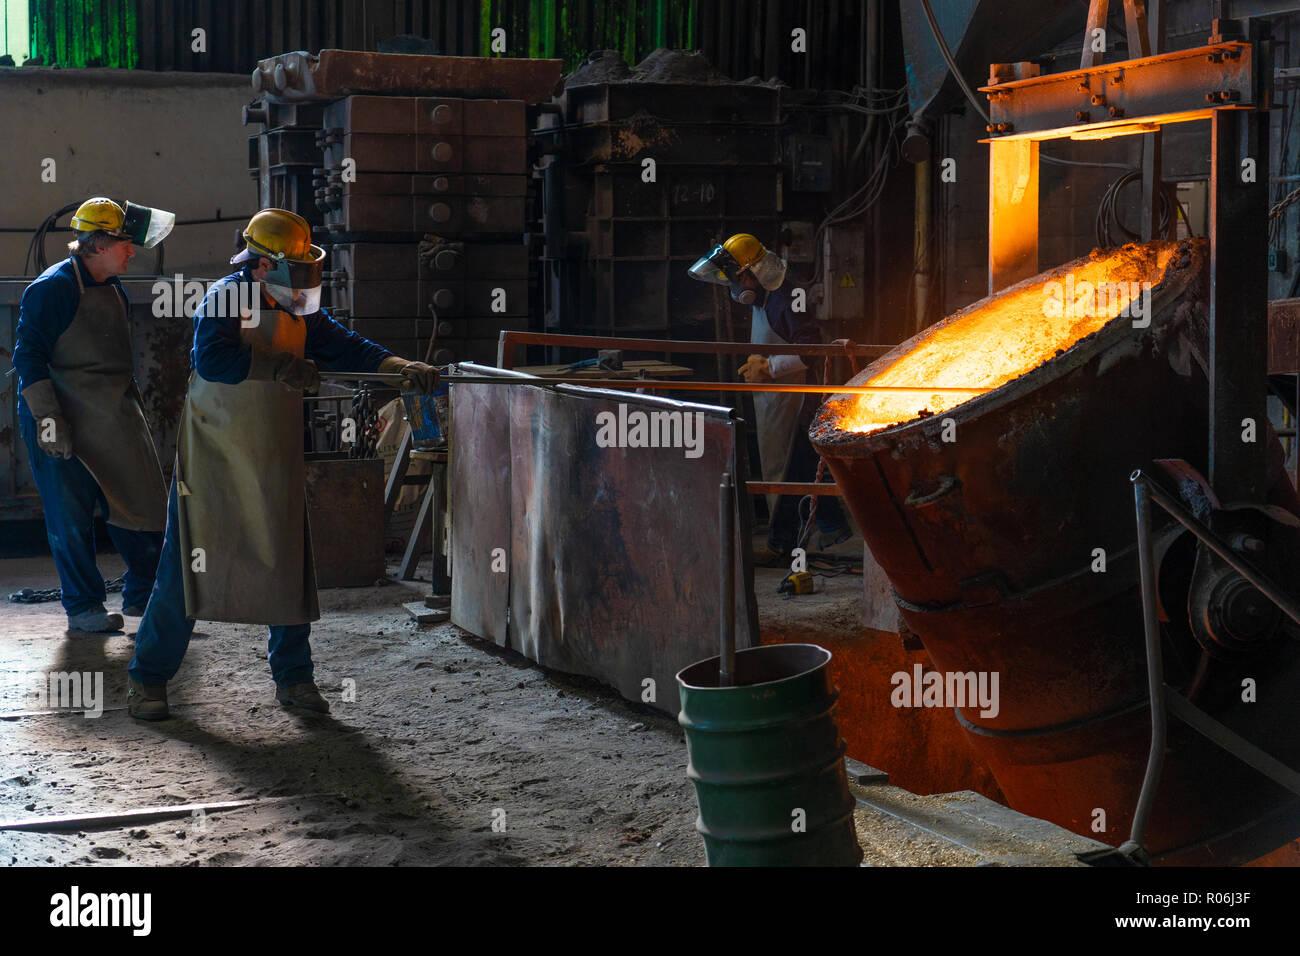 Trabajo en fundicion - Work in foundry - Stock Image